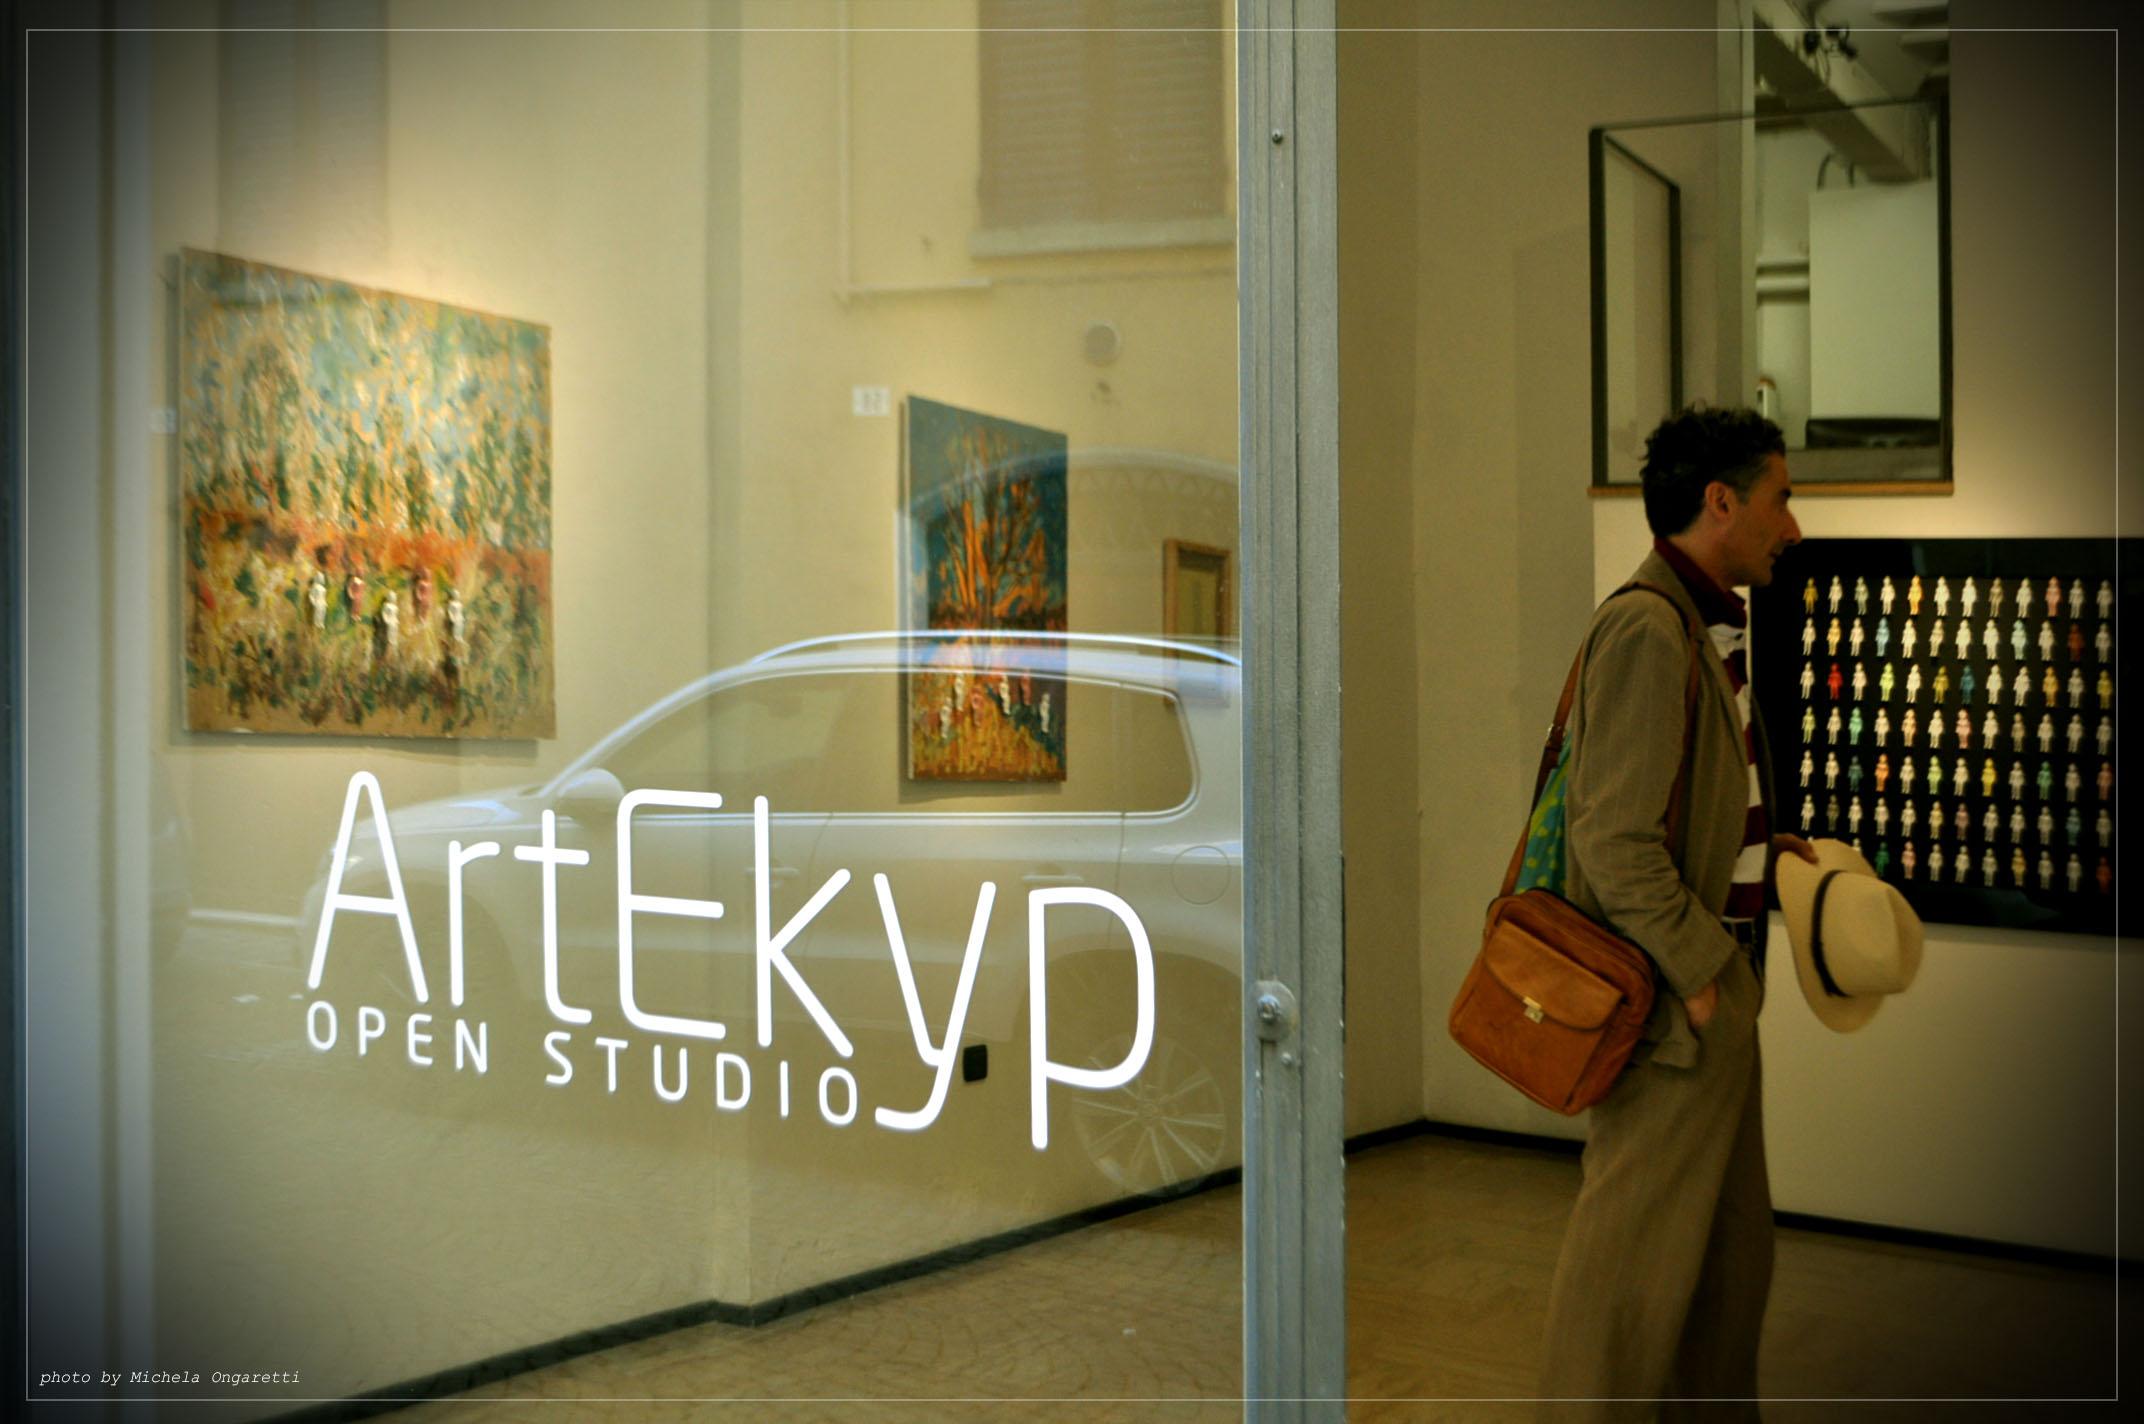 L'ingresso della mostra presso Artekyp